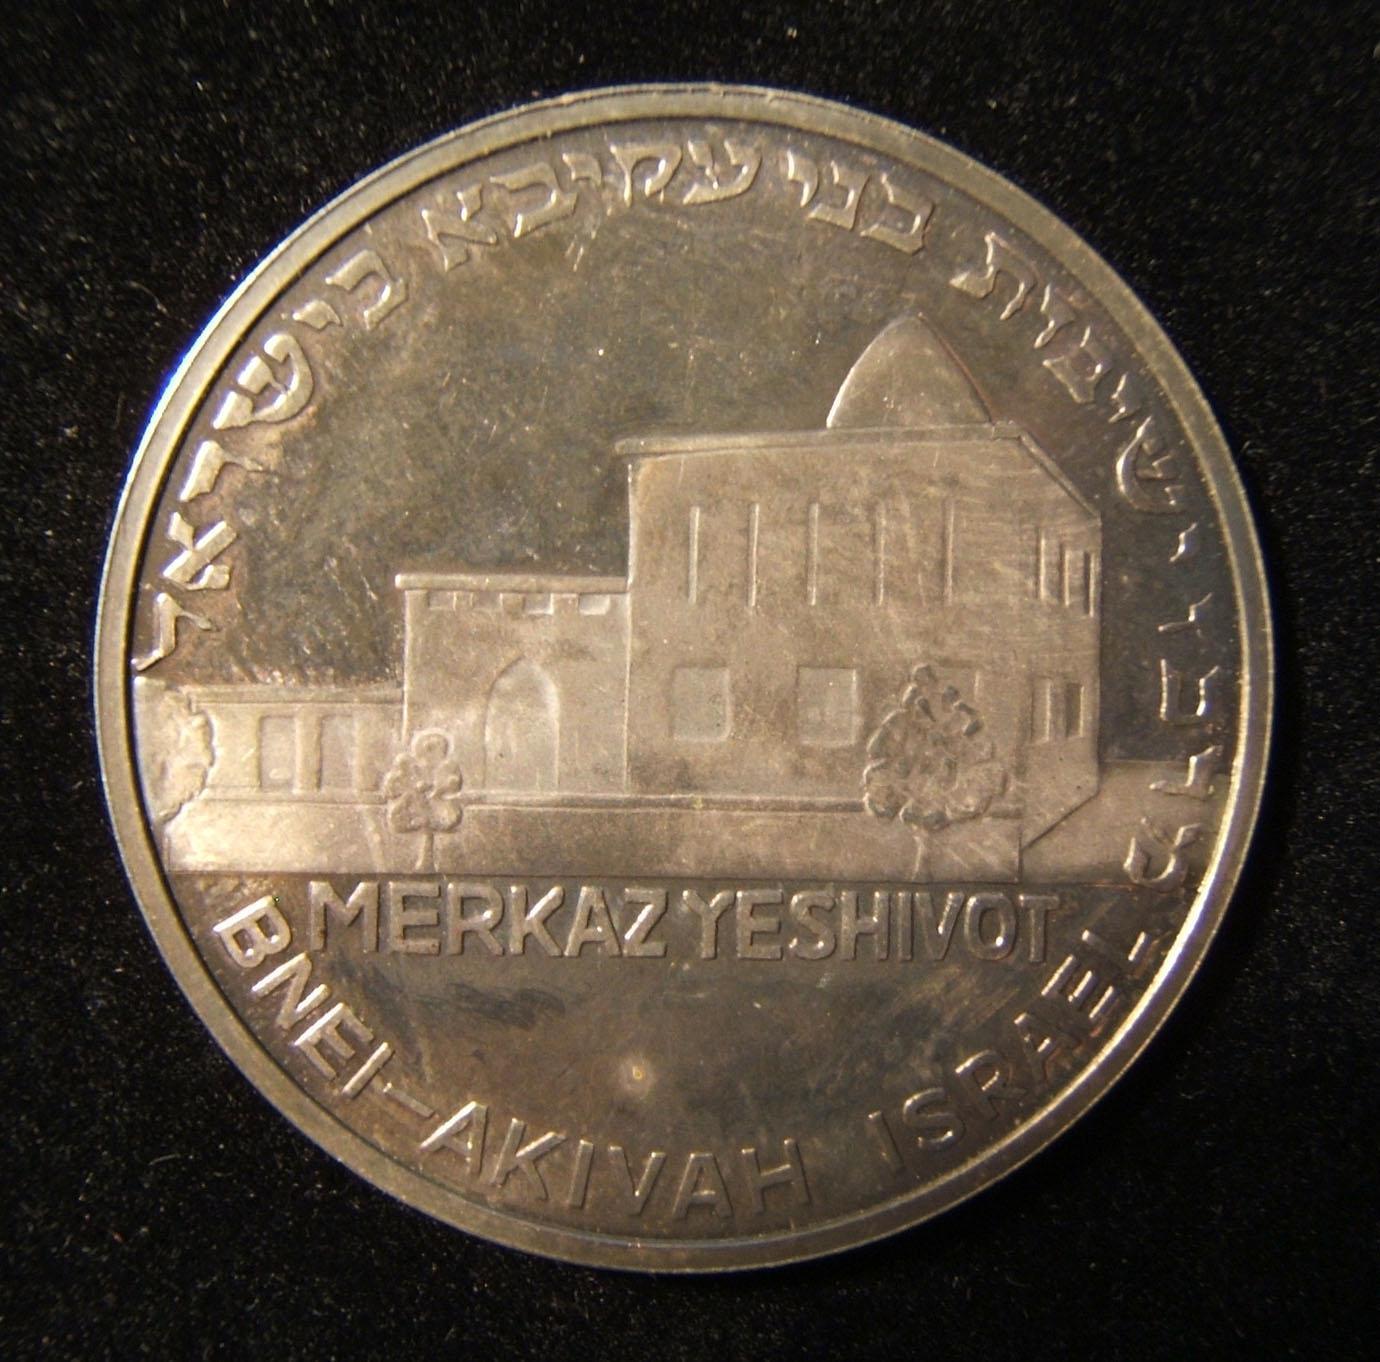 إسرائيلي ، بني عكيفا ميركاز ، إحتفالية بمناسبة مرور 50 عامًا على ميدالية فضية عام 1989